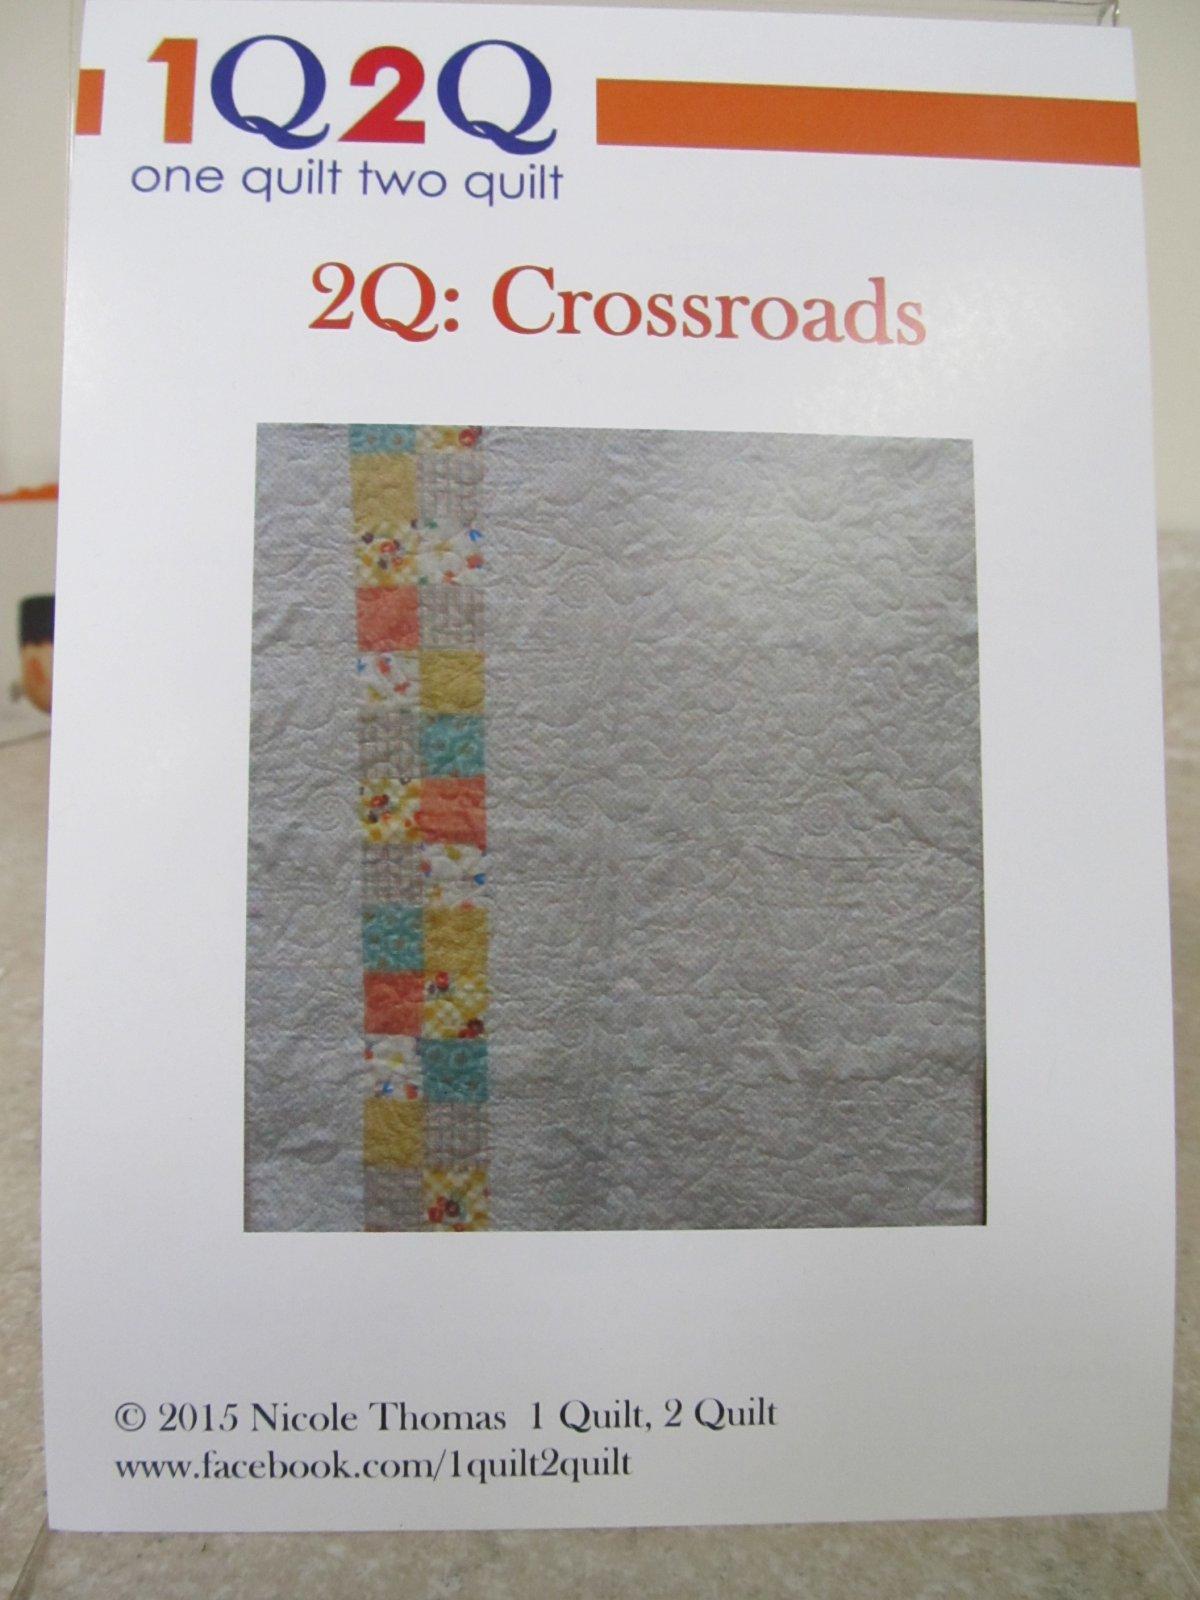 2Q: Crossroads